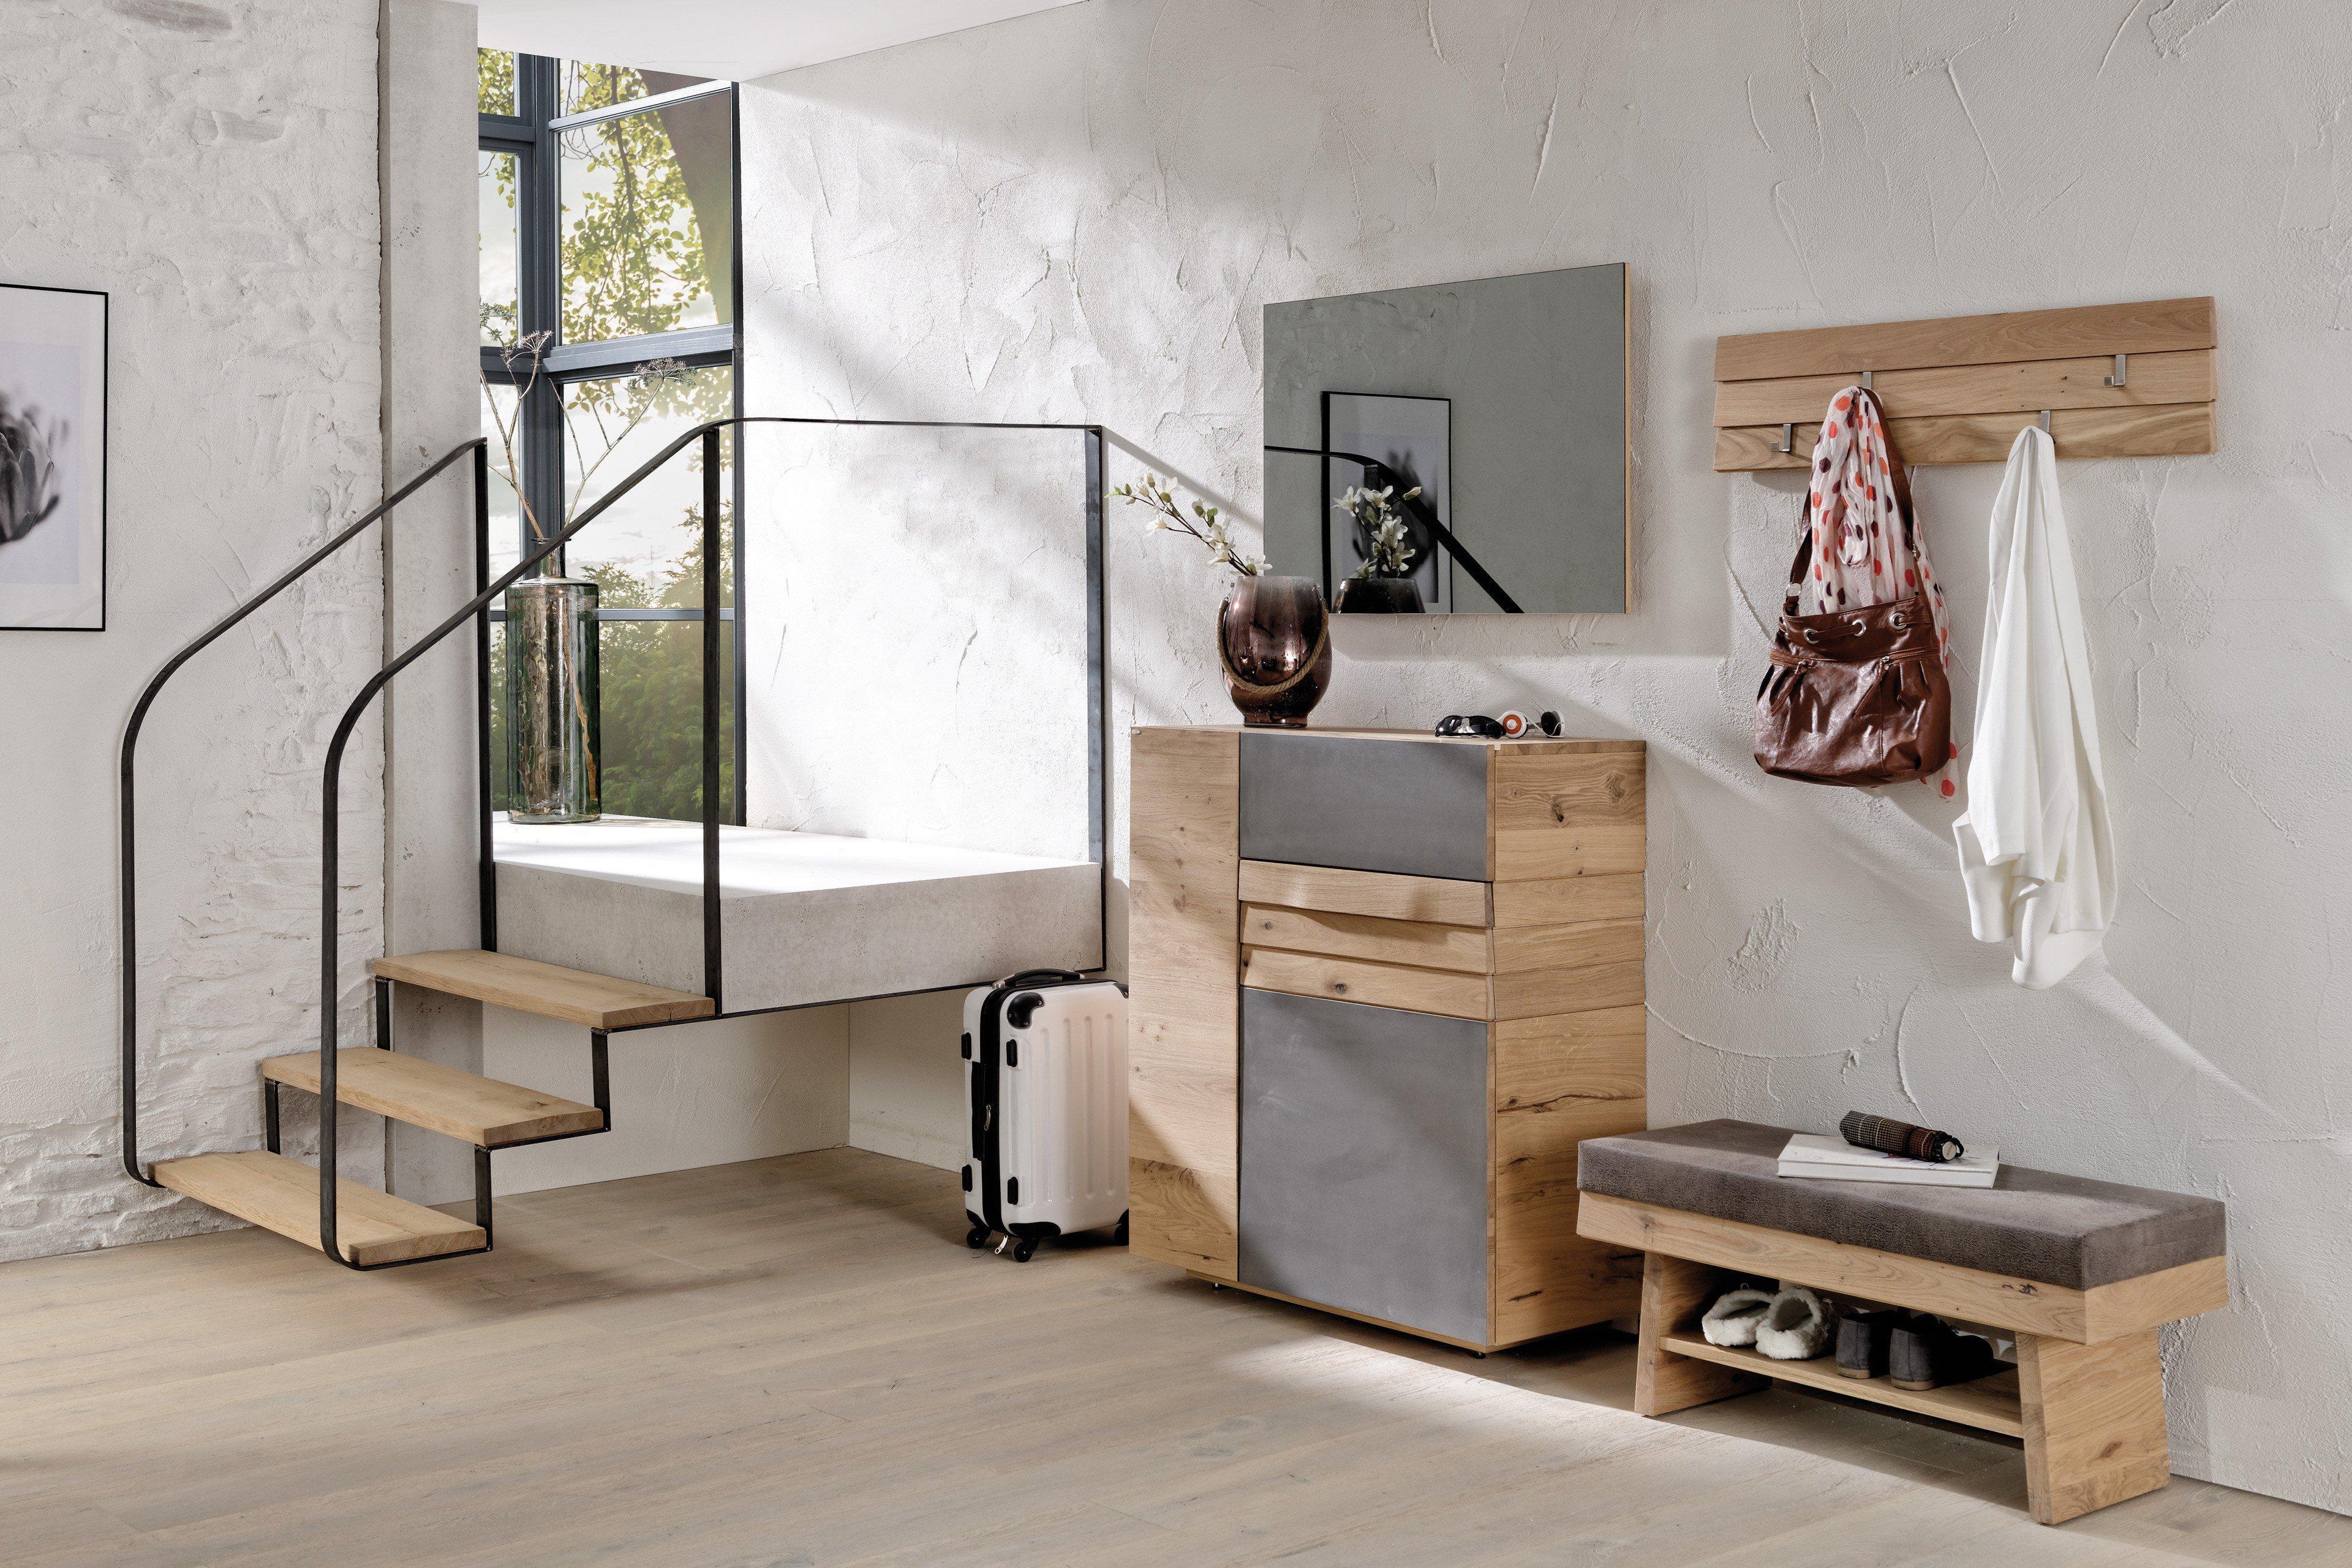 voglauer garderobe v organo wildeiche eisen m bel letz ihr online shop. Black Bedroom Furniture Sets. Home Design Ideas